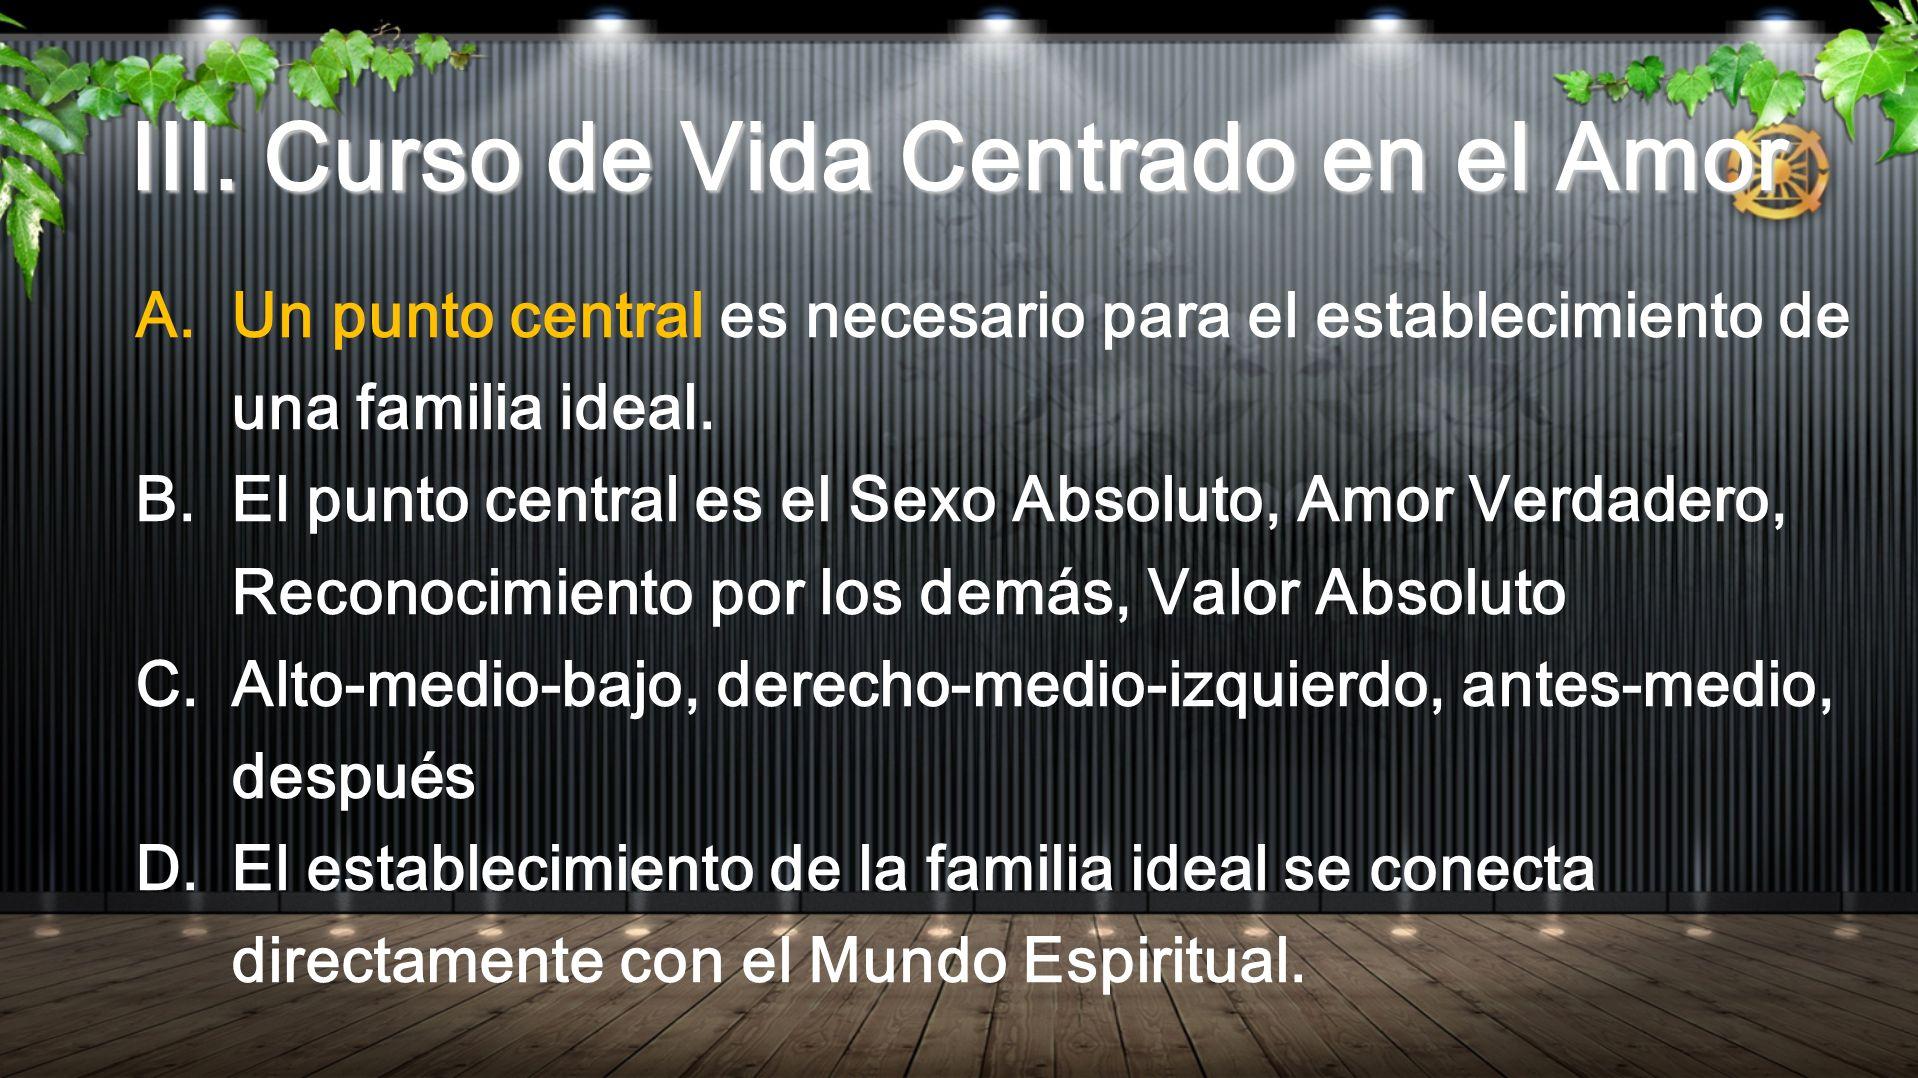 A.Un punto central es necesario para el establecimiento de una familia ideal.